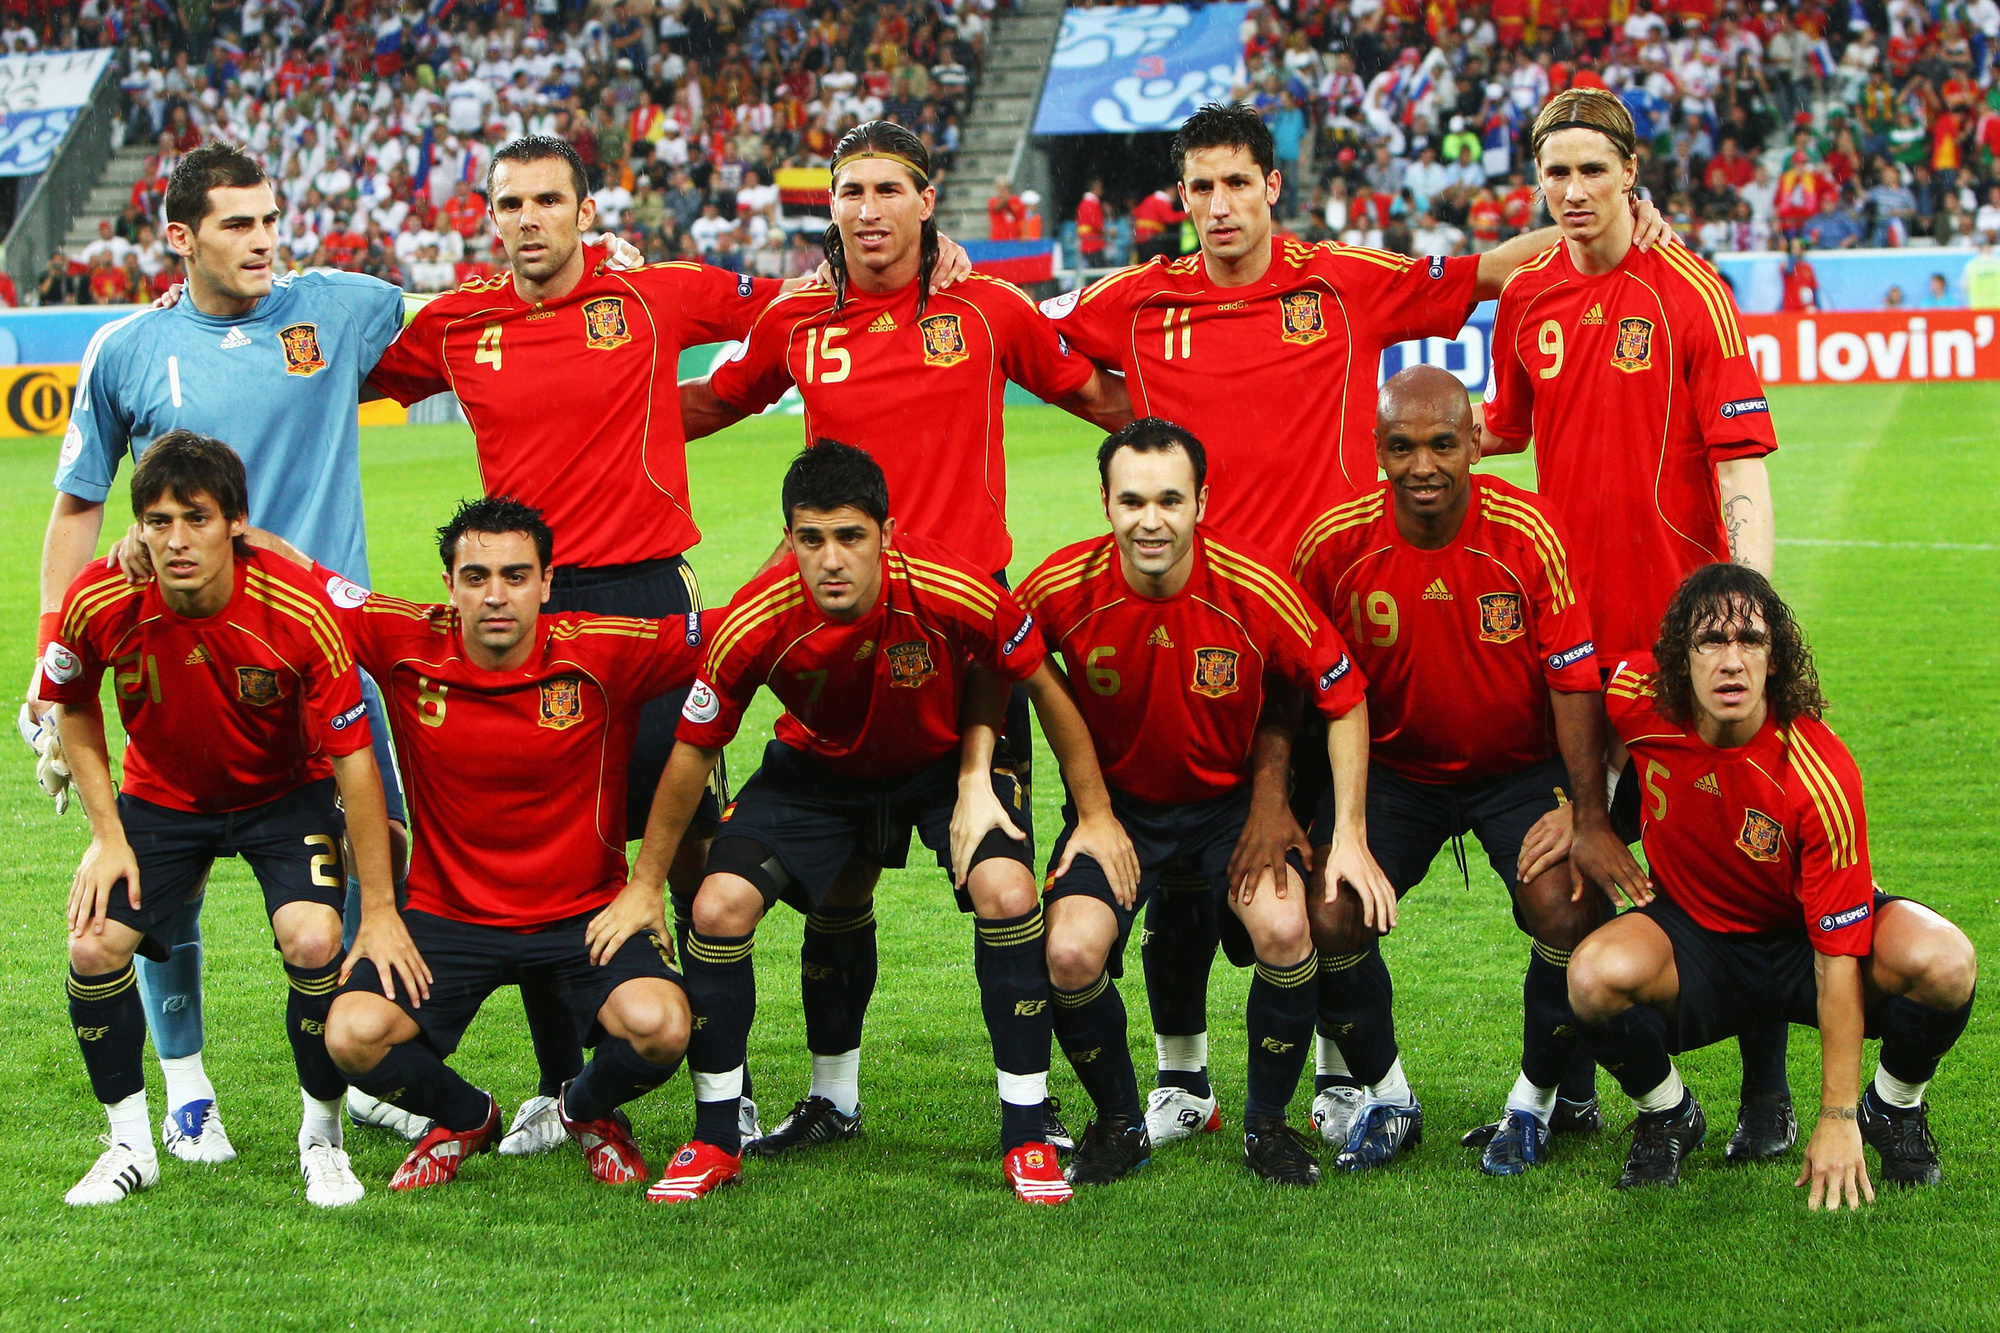 Het Spanje dat Rusland een demonstratie gaf in de eerste groepswedstrijd op het EK 2008, GETTY